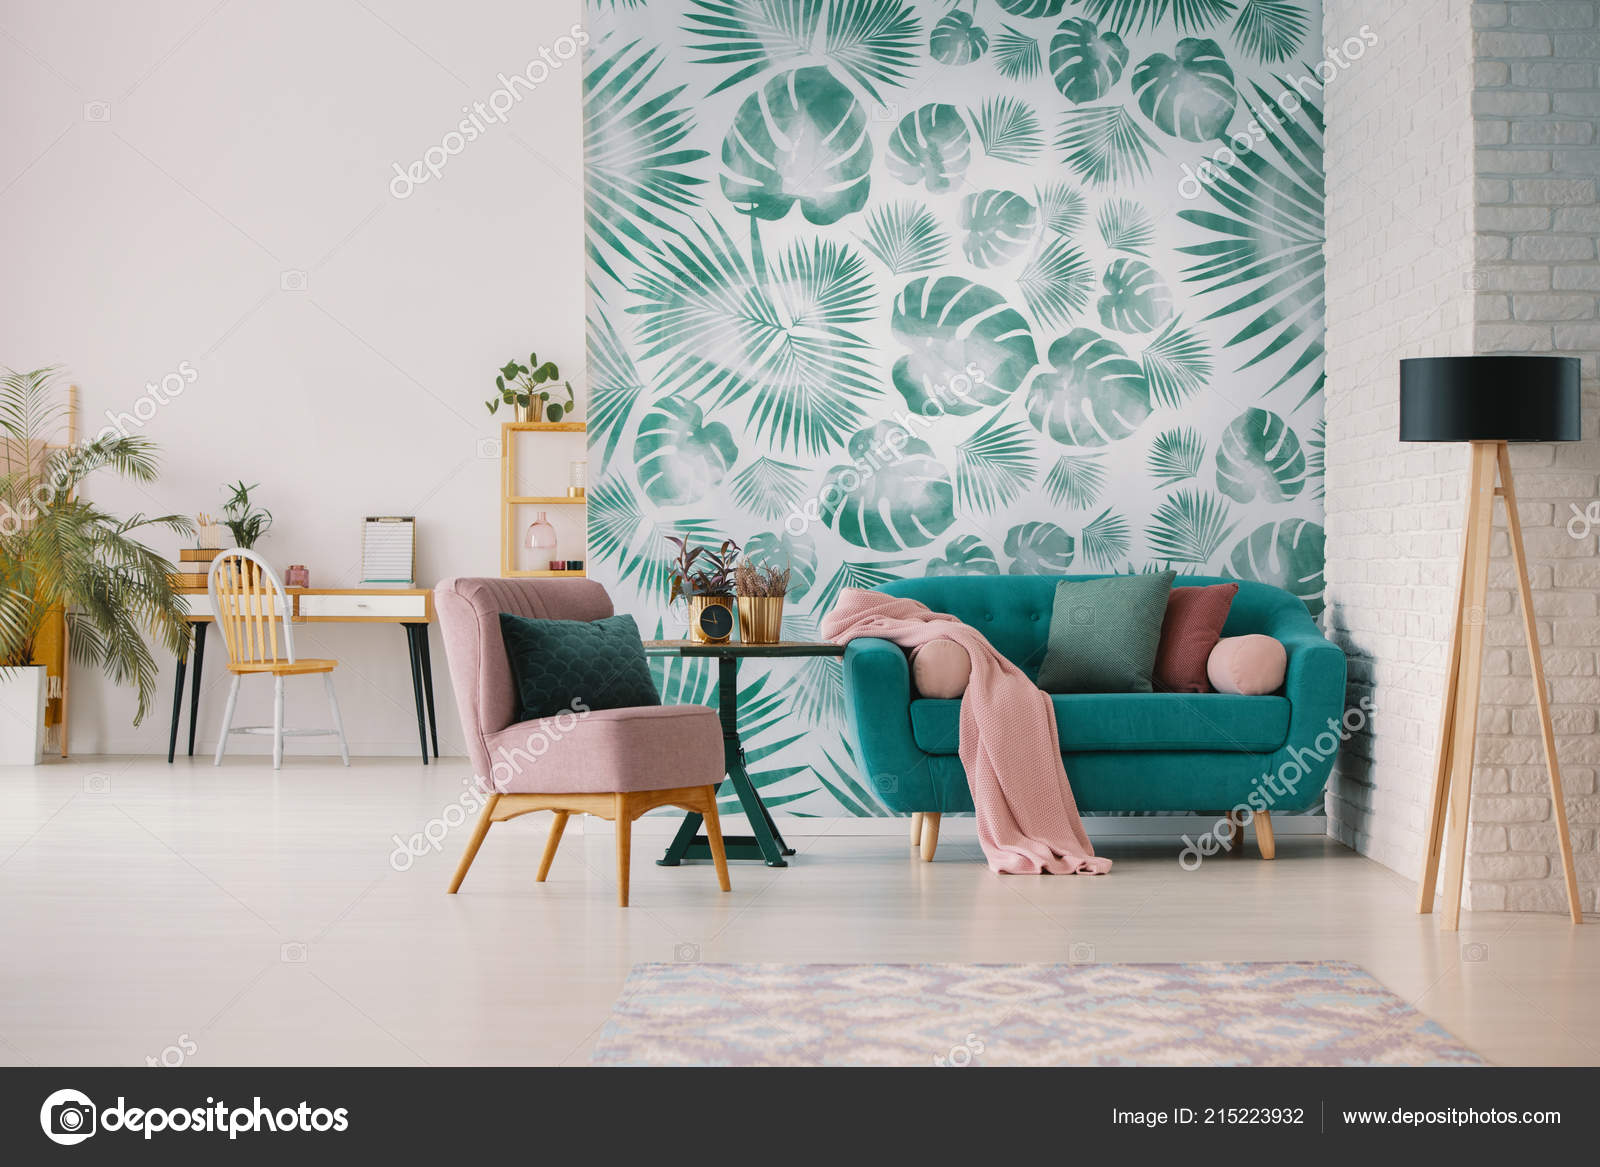 Rosa Sessel Und Blauen Sofa Wohnzimmer Interieur Mit Grüne Tapete ...